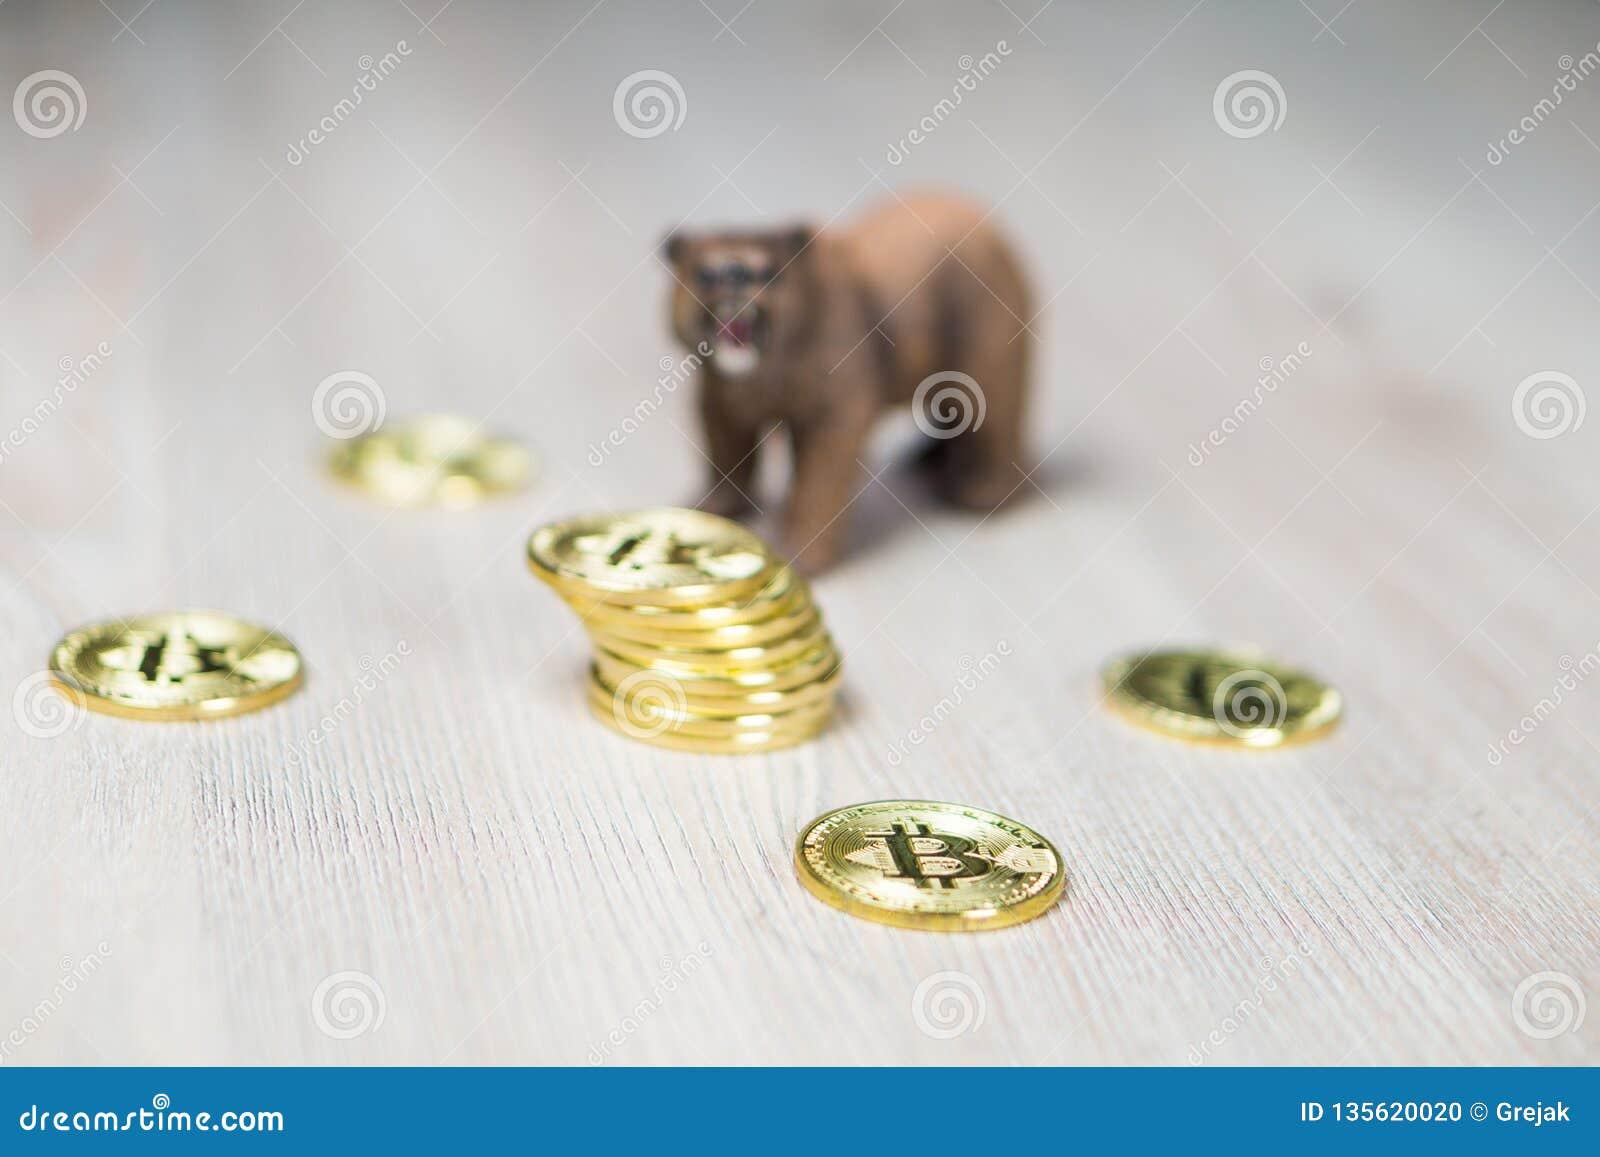 Draag met de Gouden nadruk van Bitcoin Cryptocurrency op muntstukken Het Financiële Concept van Baissemarktwall street